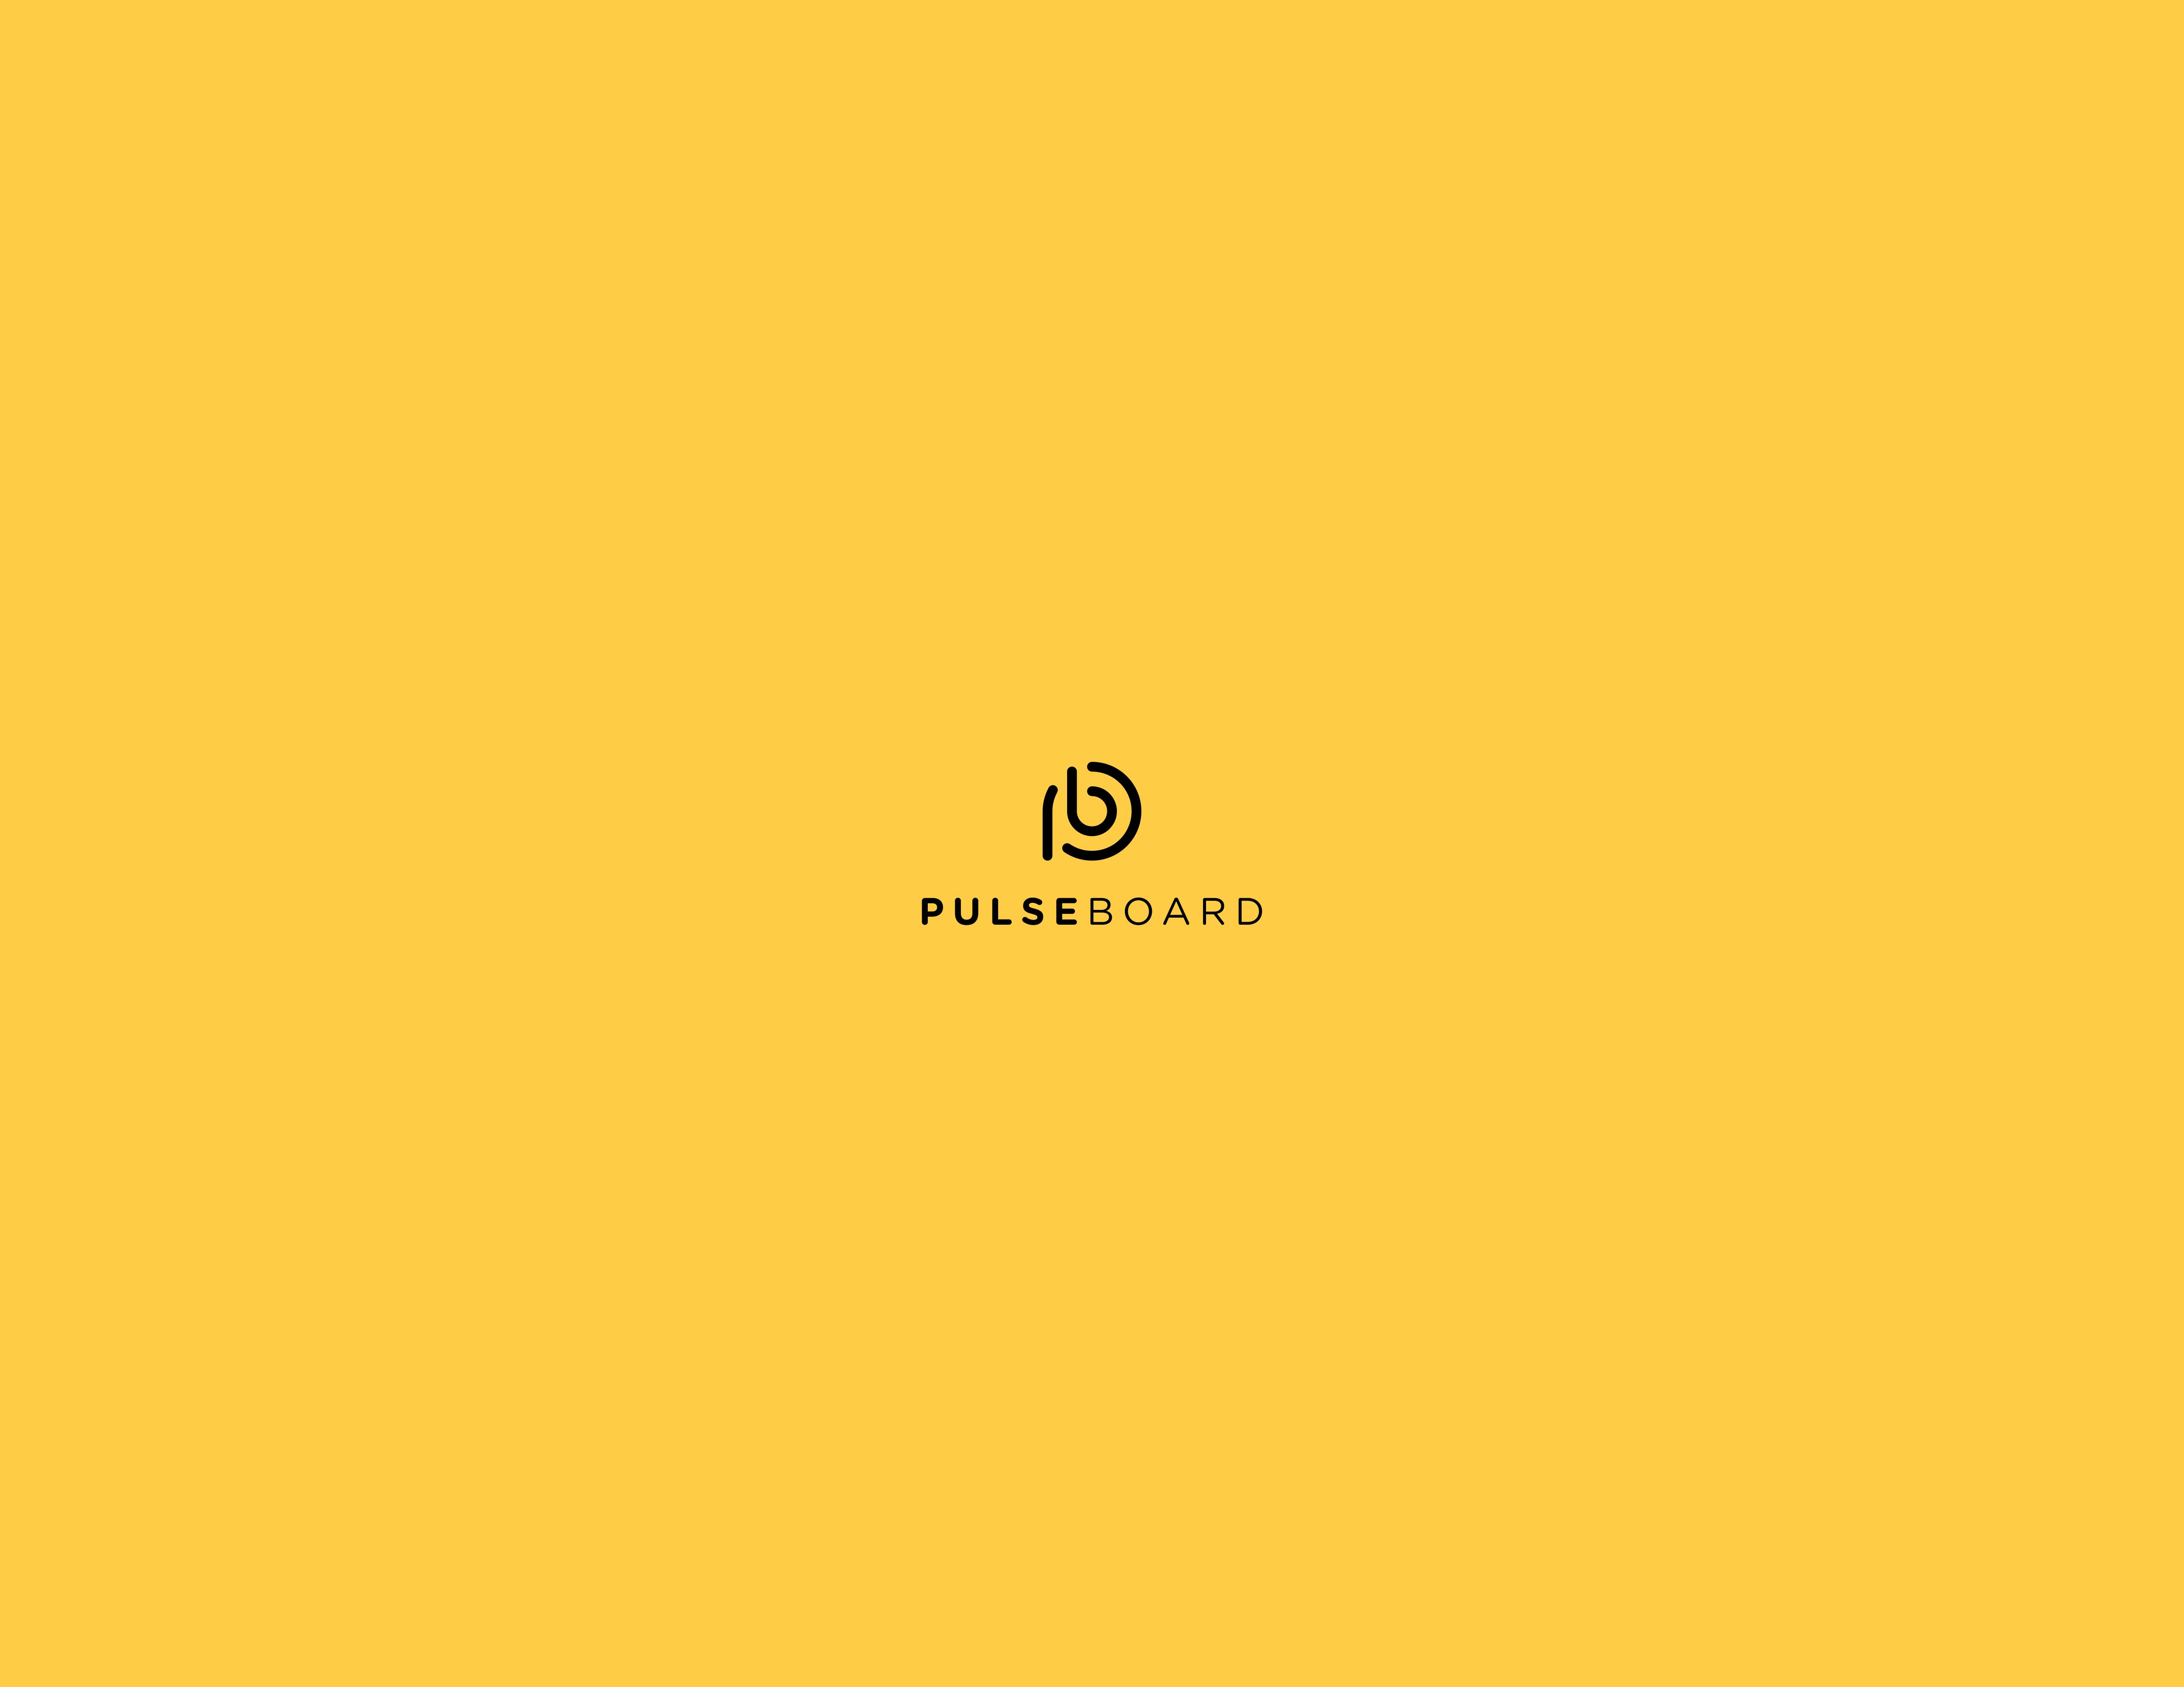 PulseBoard